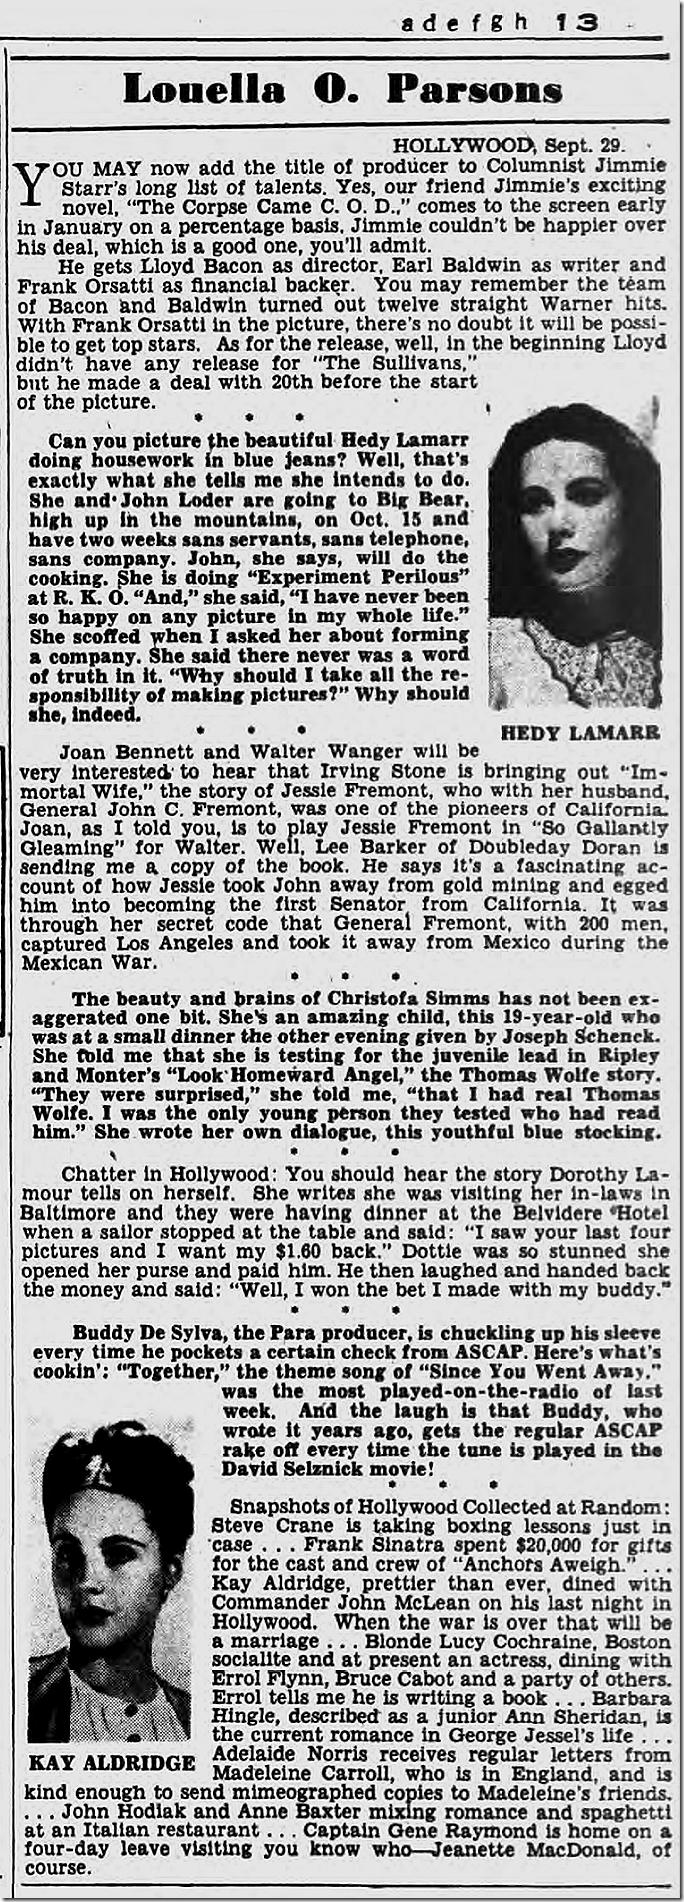 Sept. 30, 1944, Louella Parsons